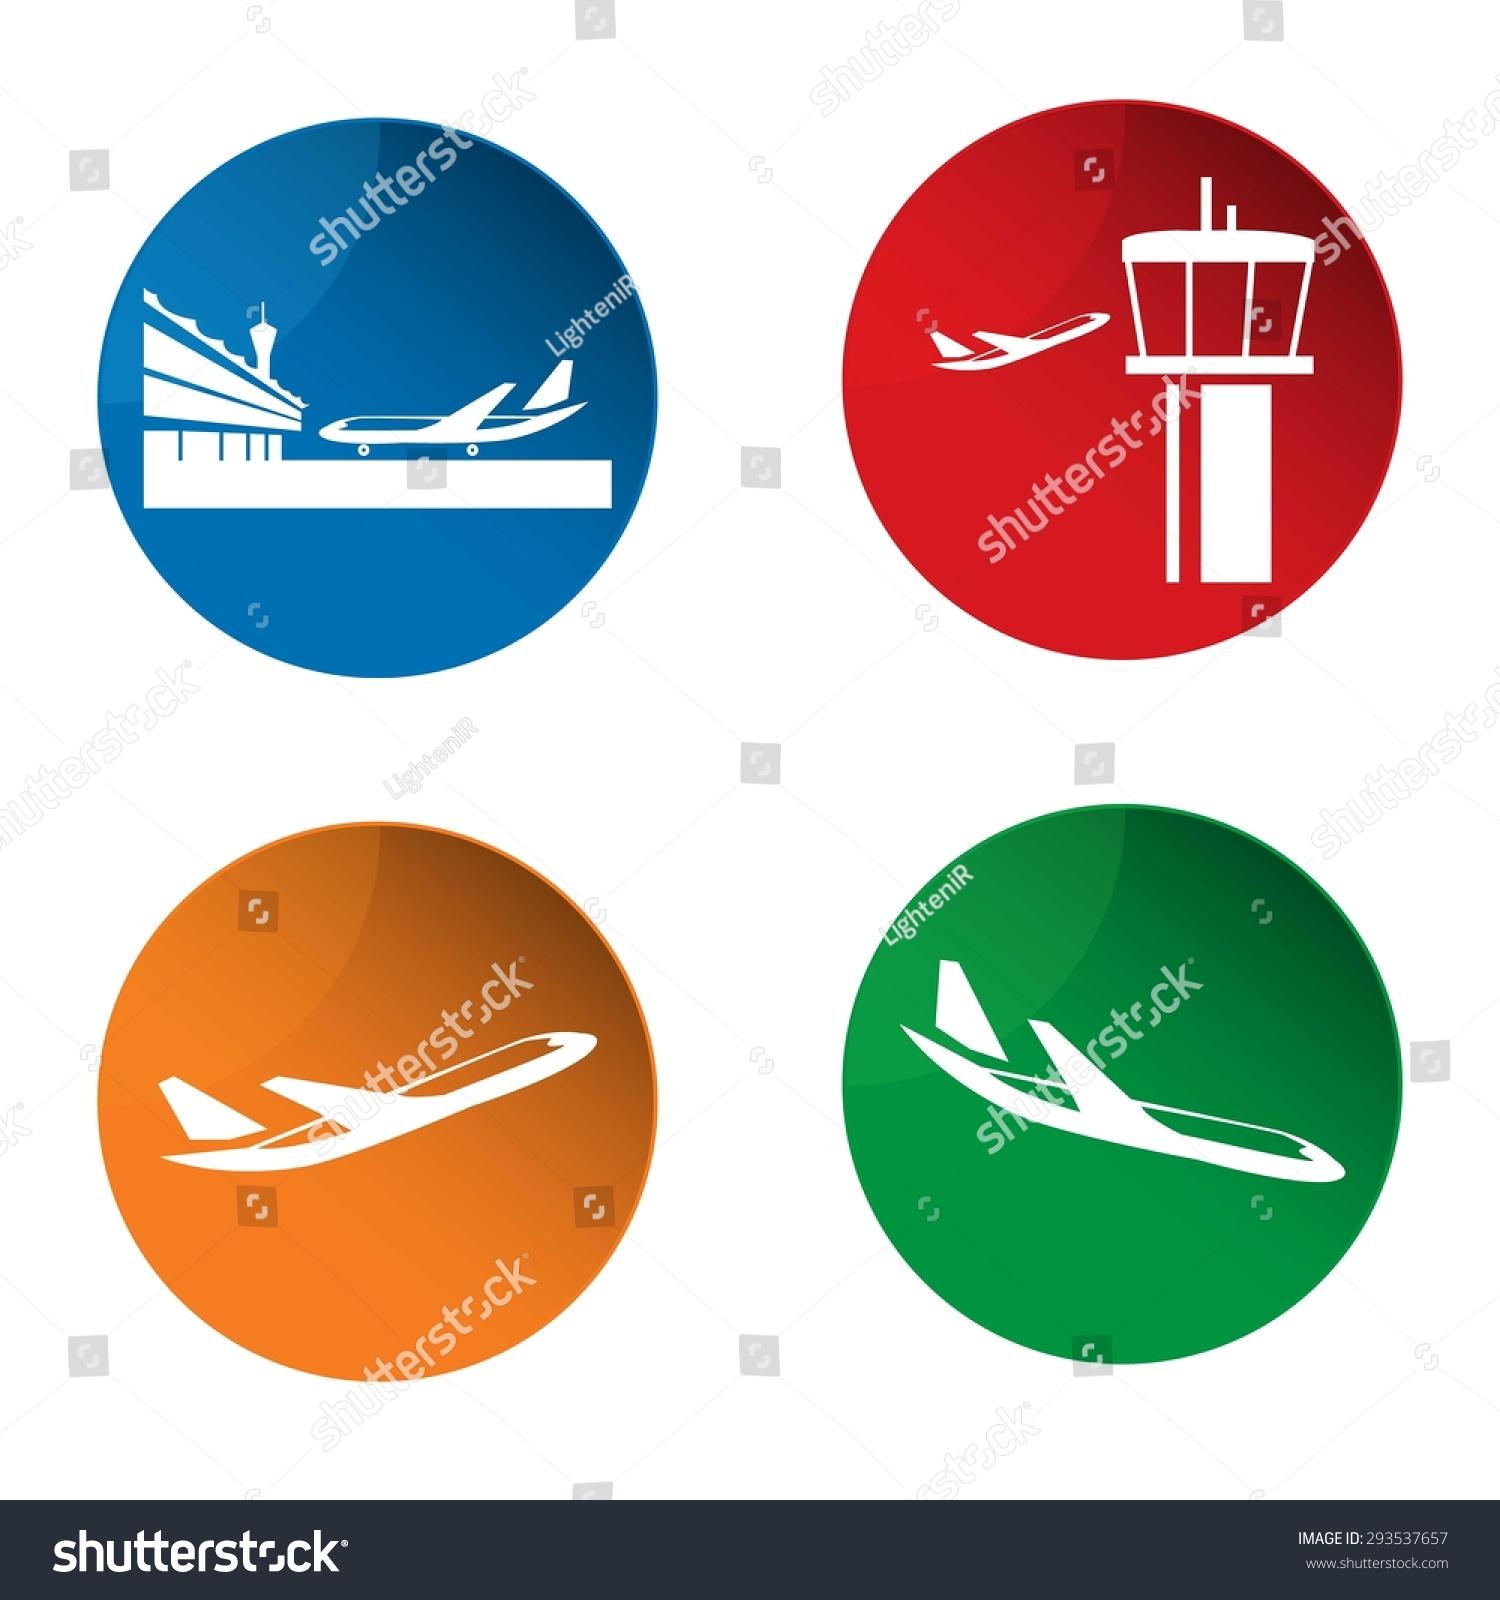 航空图标.矢量-交通运输